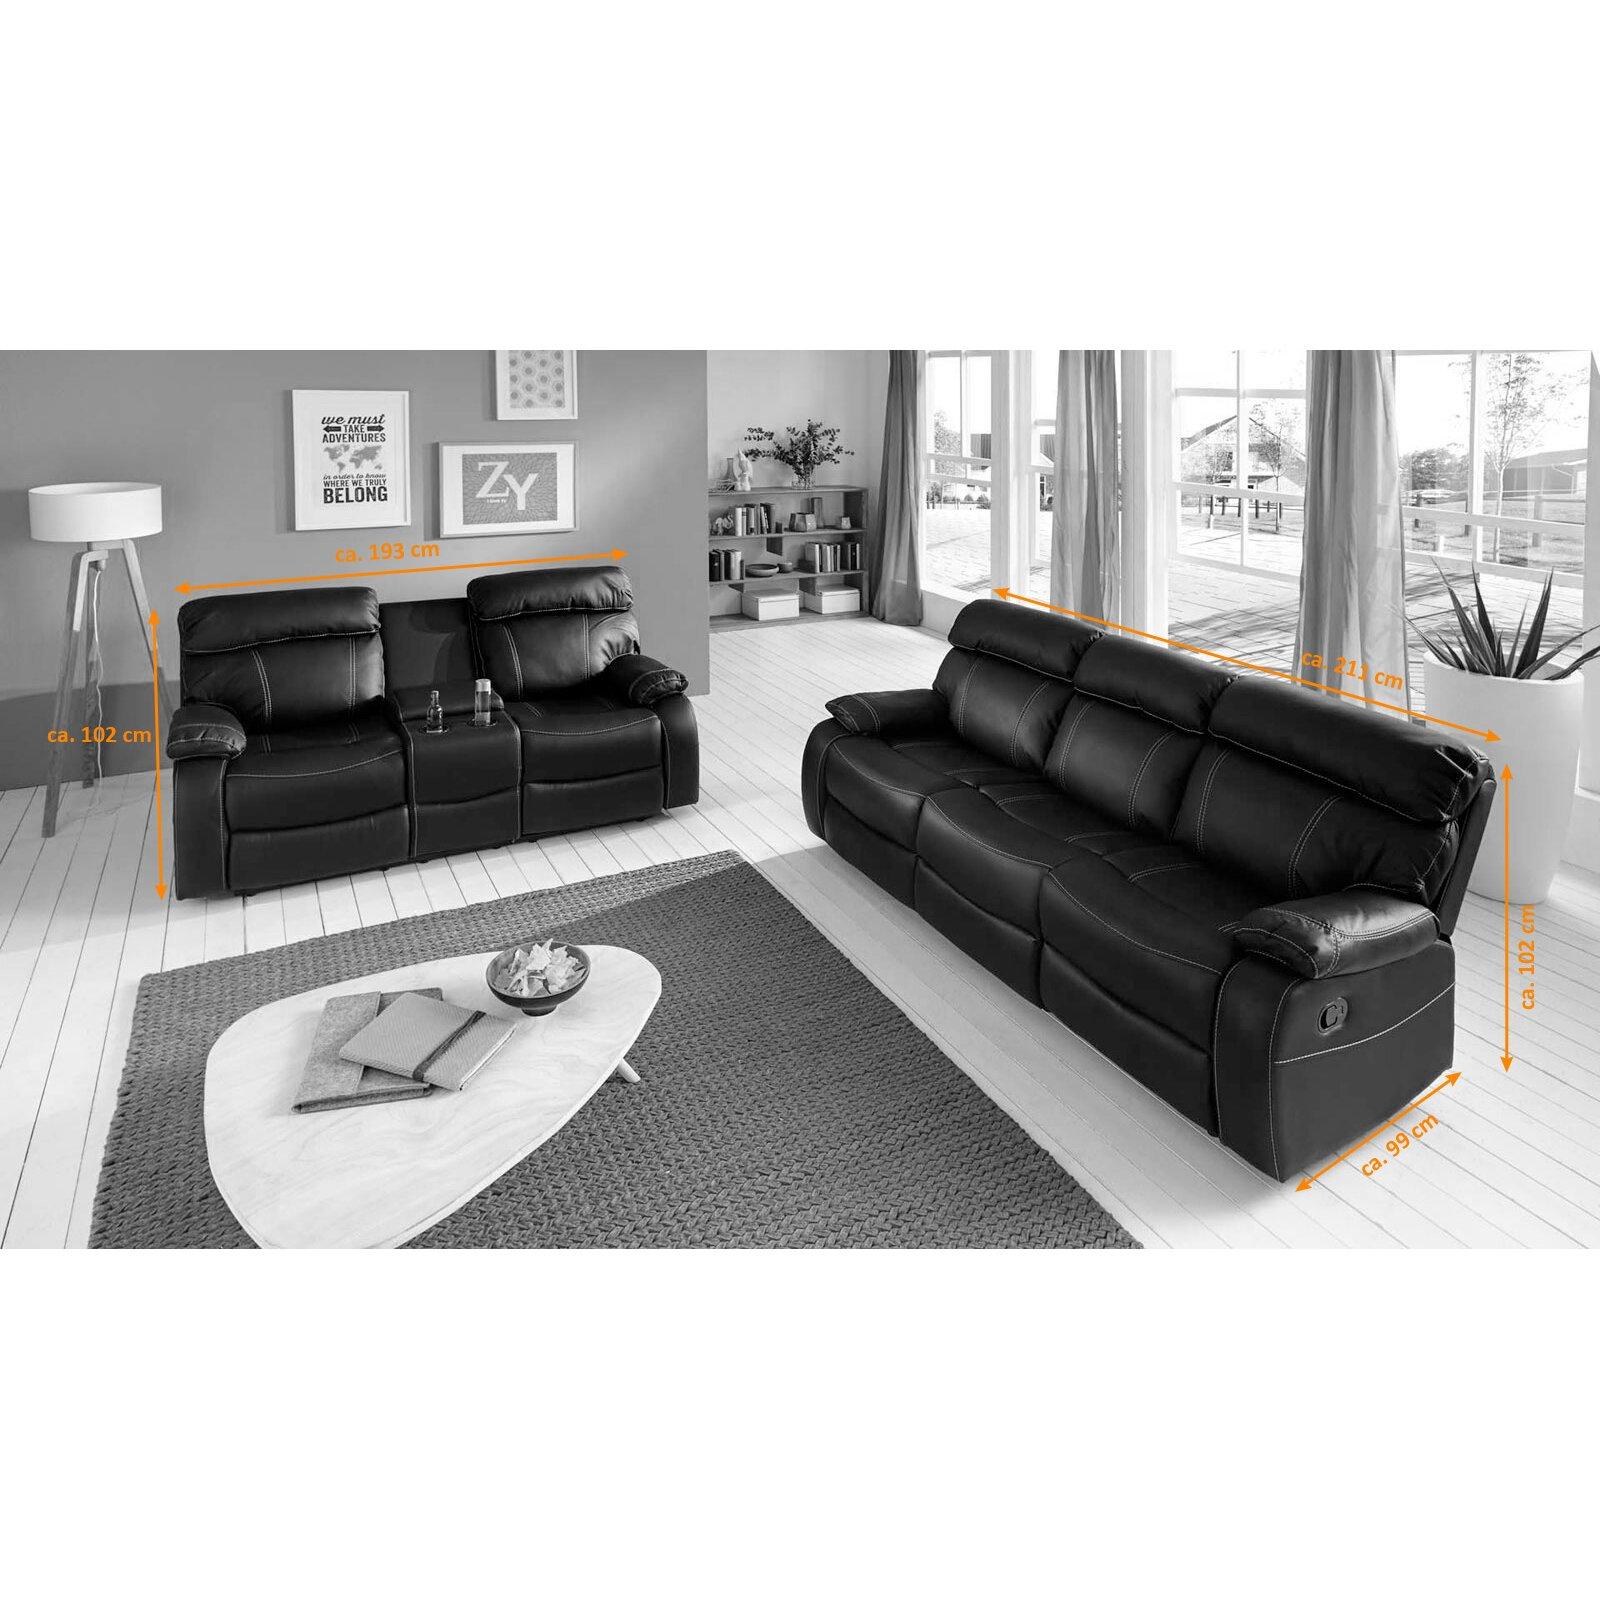 sam stil art m bel gmbh 2 tlg polstergarnitur elat. Black Bedroom Furniture Sets. Home Design Ideas